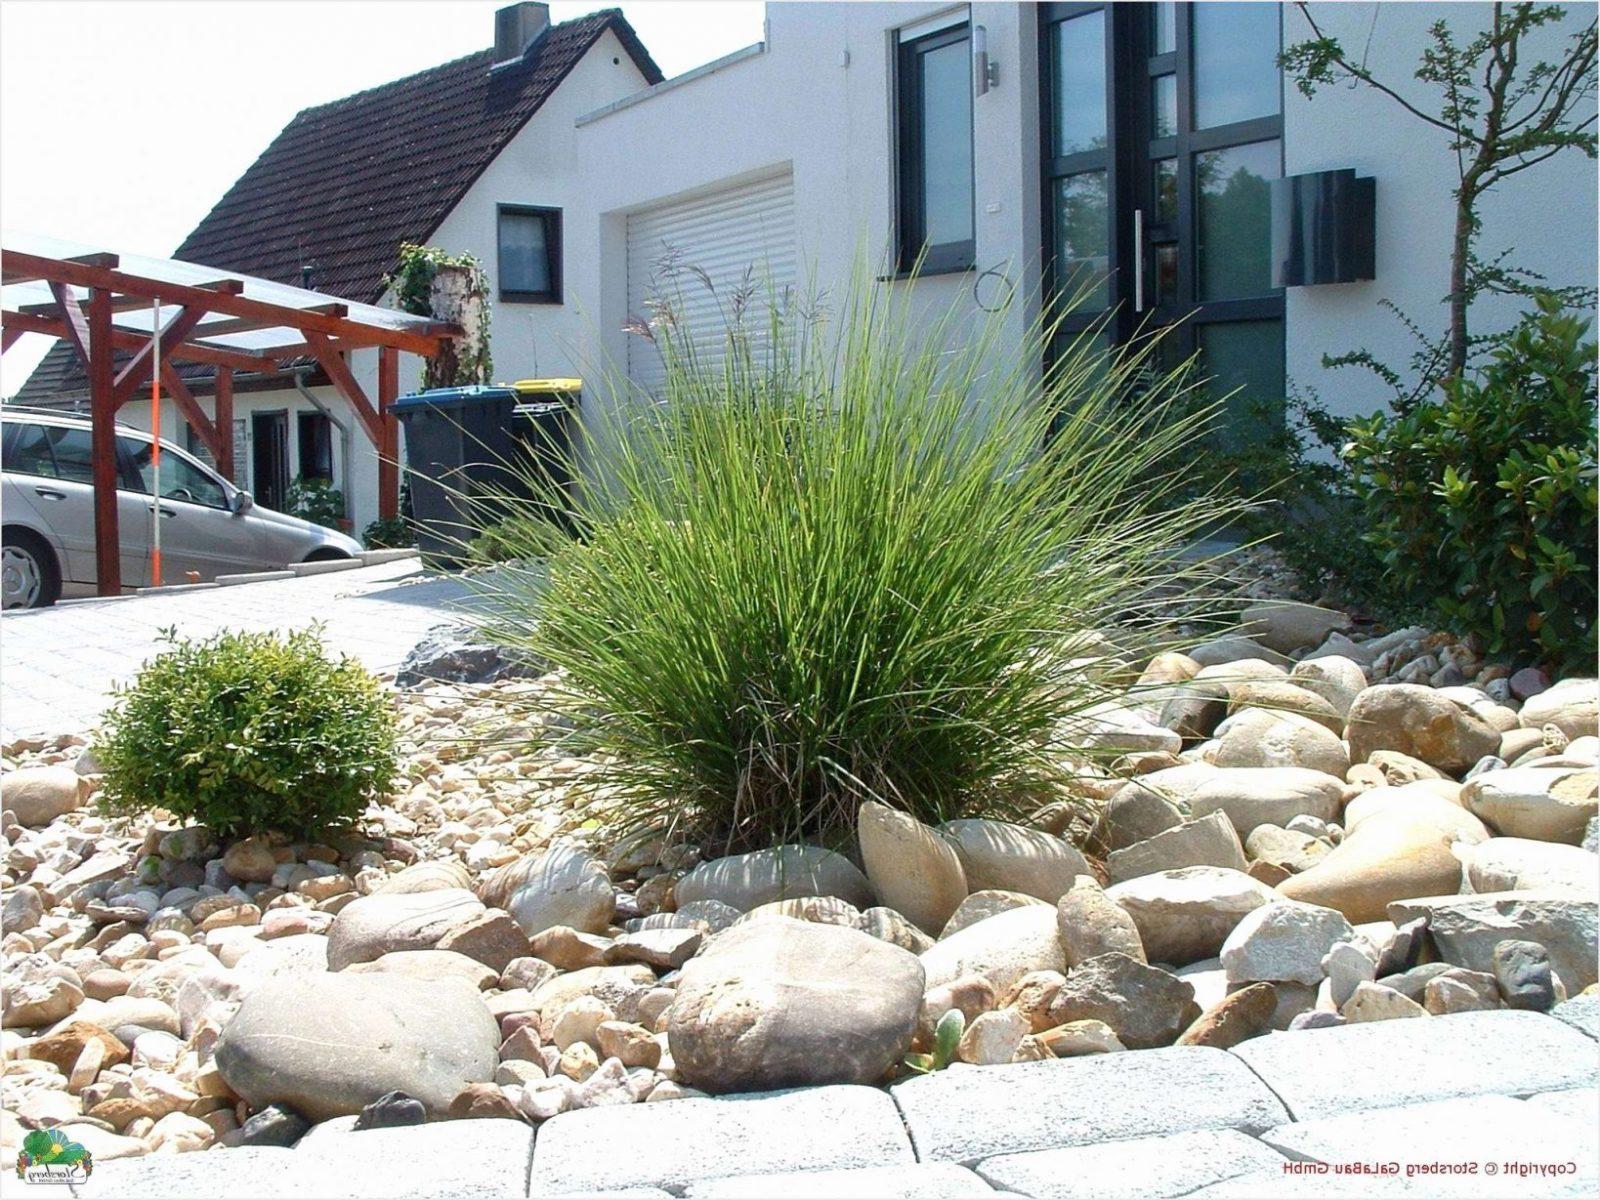 Gartengestaltung Mit Kies Bilder Schön Inspirierend Vorgarten Mit von Gartengestaltung Mit Kies Bilder Bild